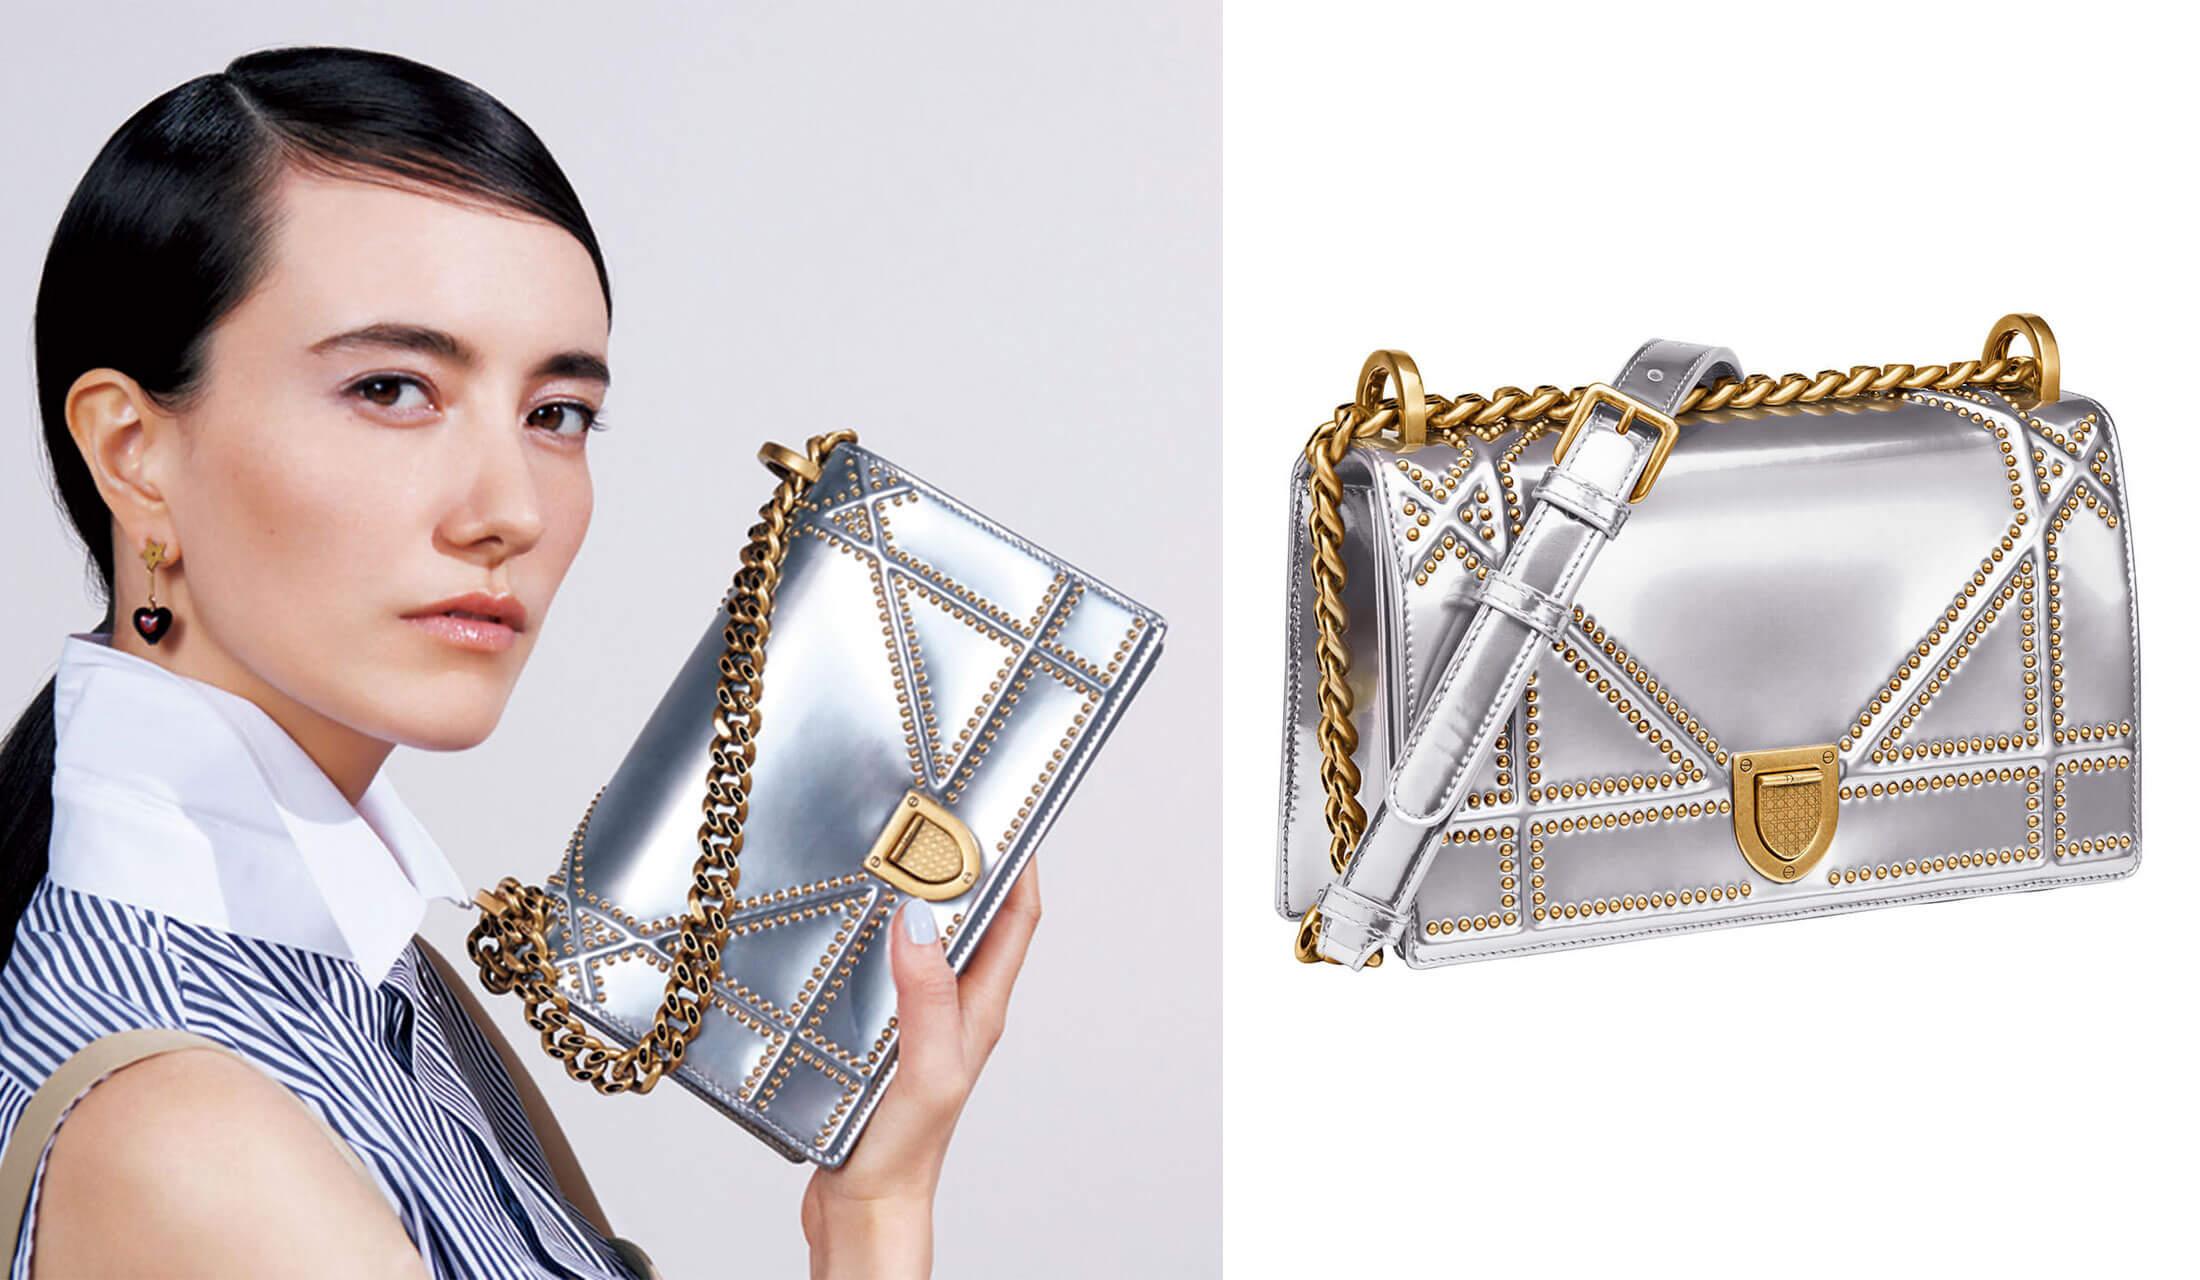 ディオール2018年春夏コレクションに登場した、「ディオラマ」の新作バッグ